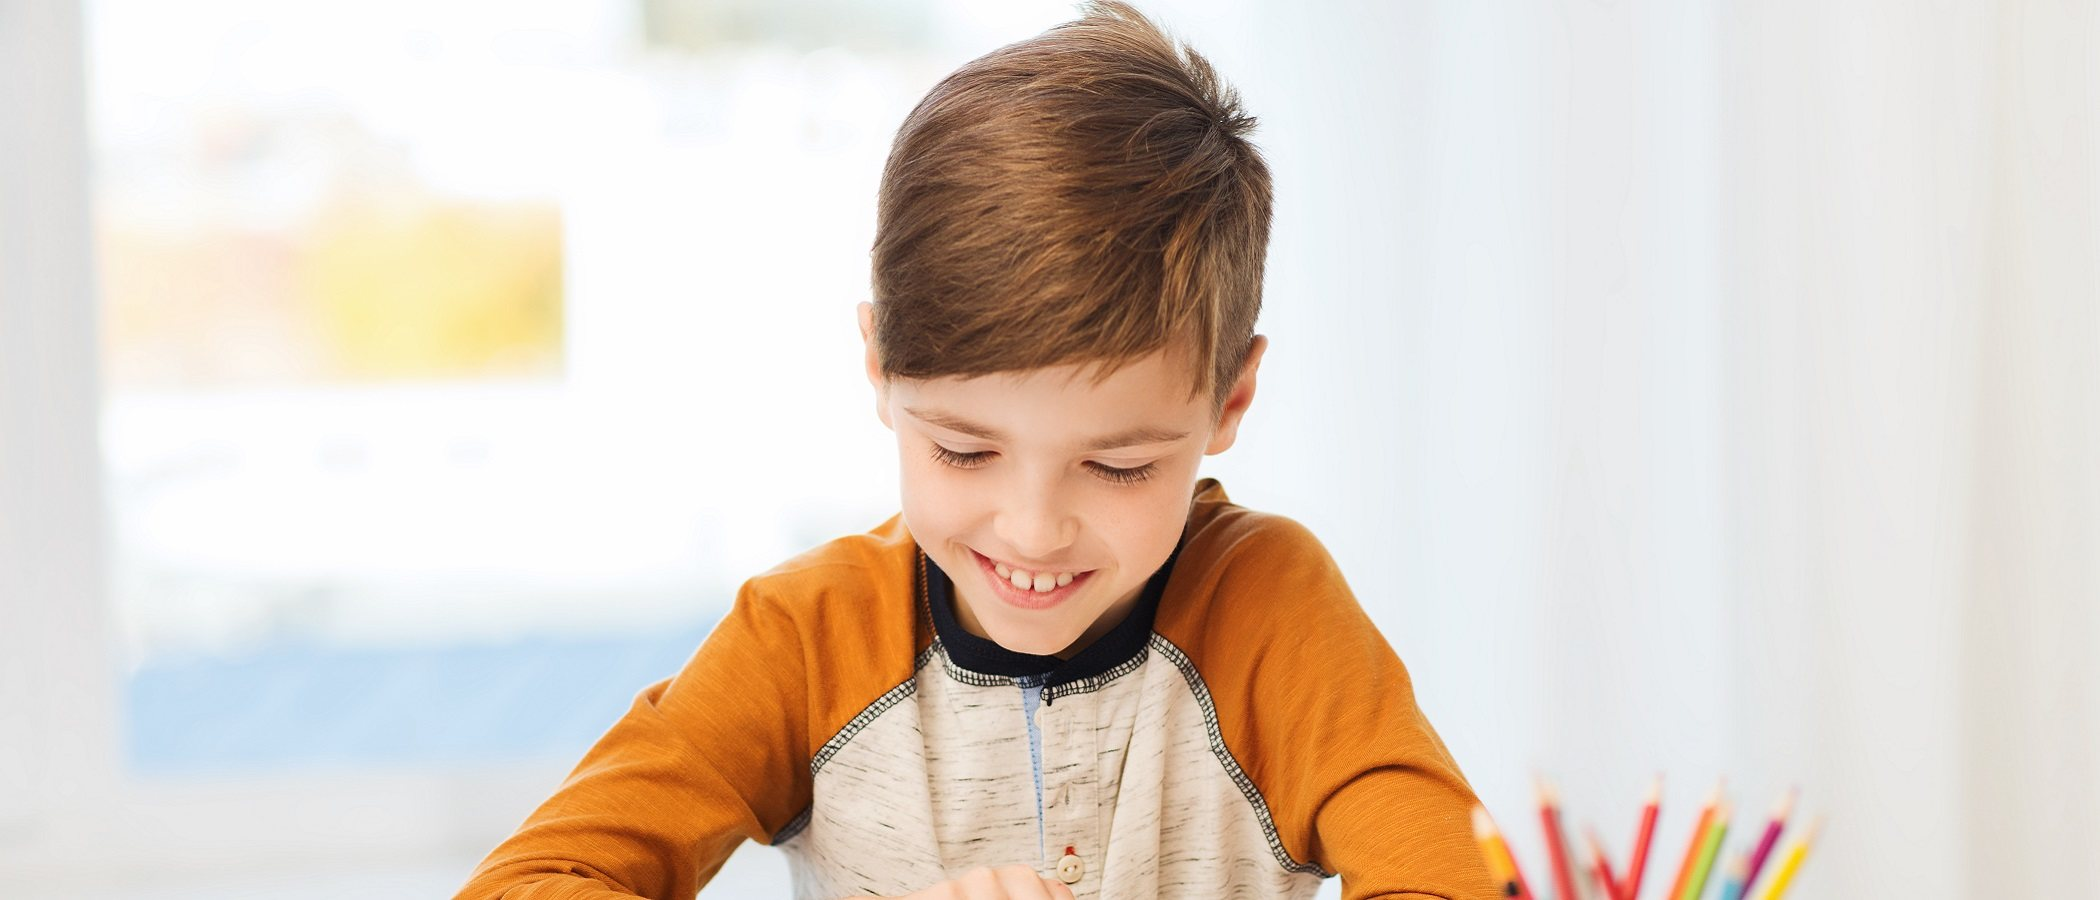 ¿Tienes un hijo demasiado perfeccionista?